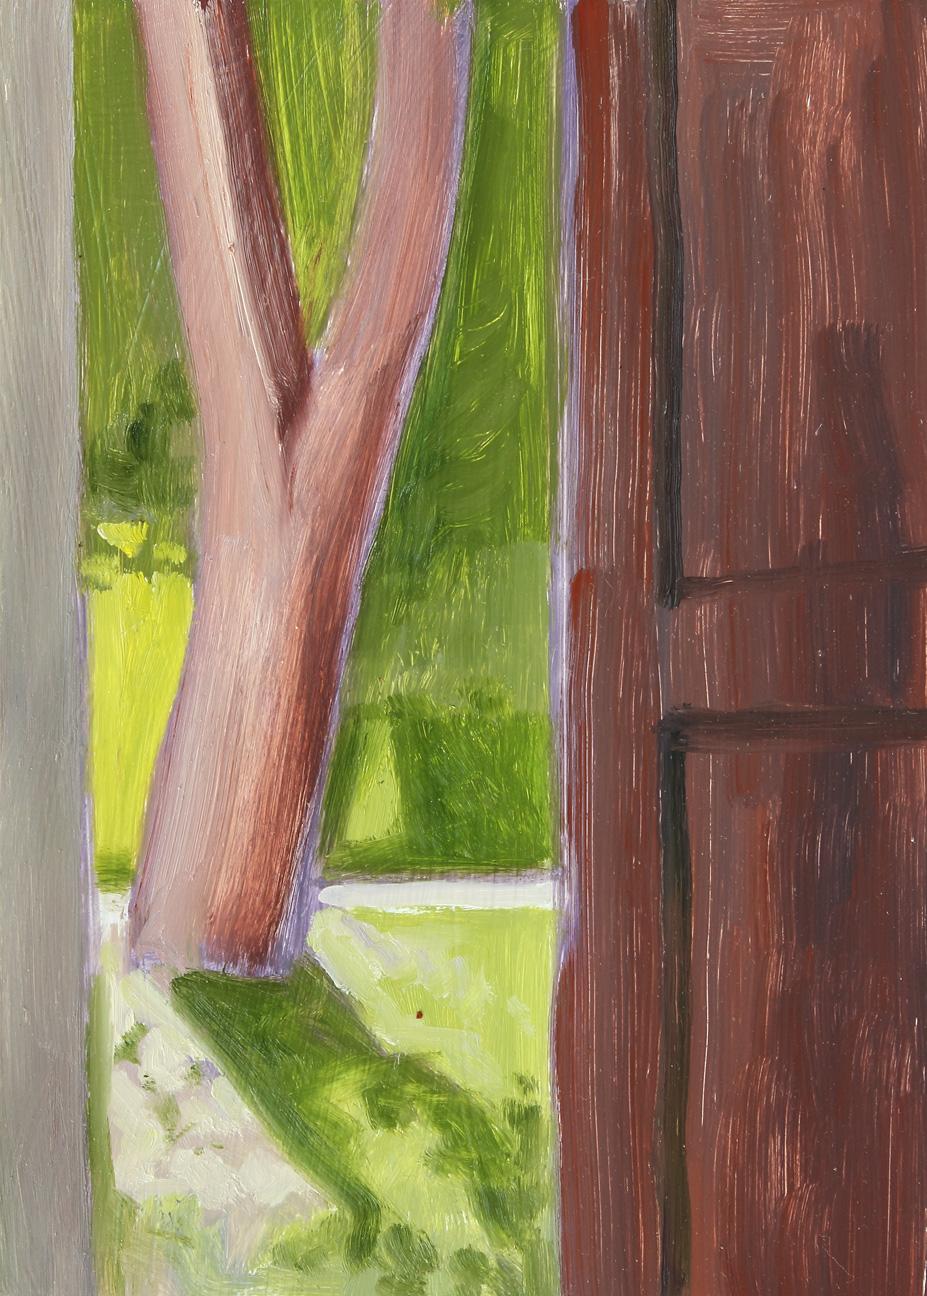 Barn Doorway View